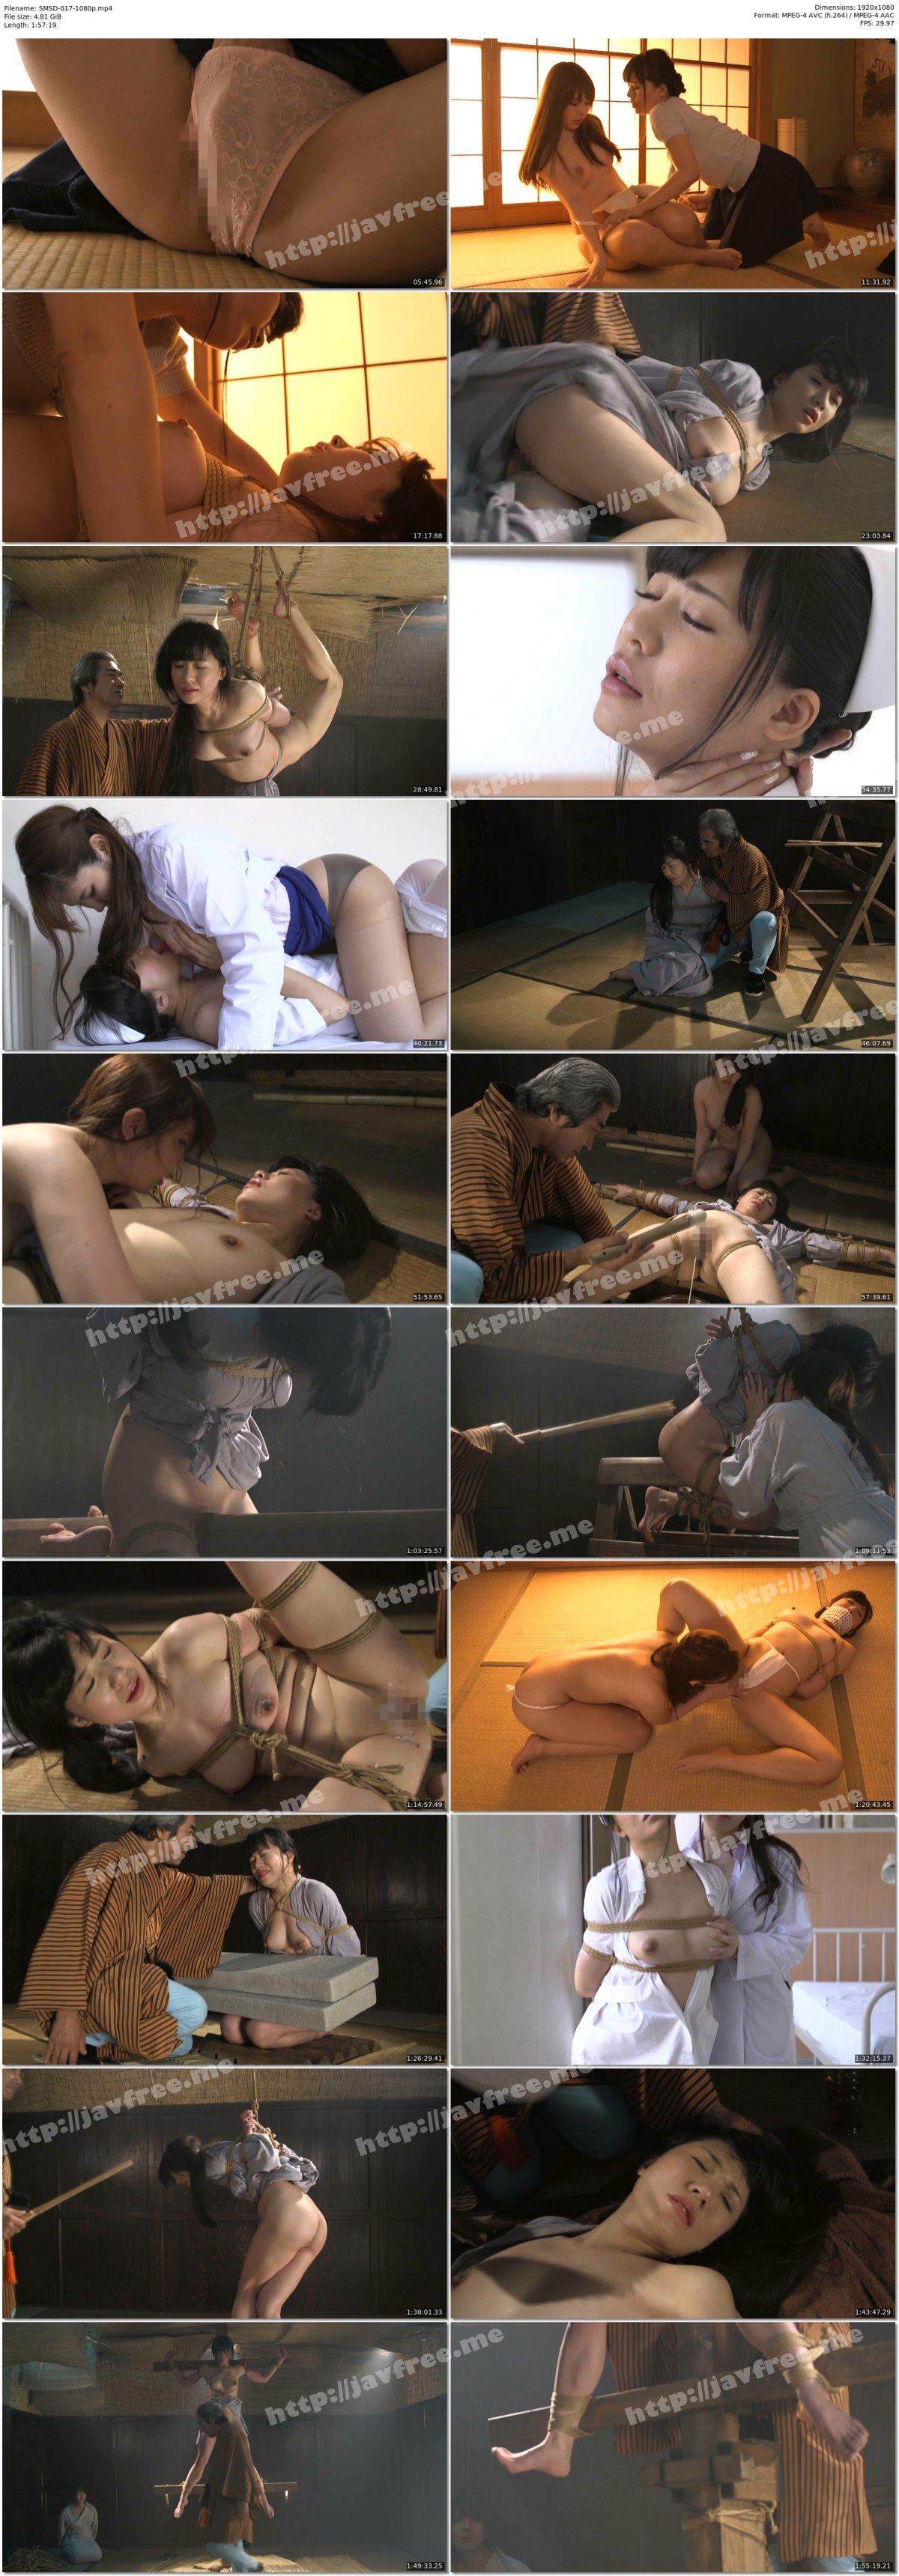 [HD][SMSD-017] 女囚幻想 蓬莱かすみ - image SMSD-017-1080p on https://javfree.me